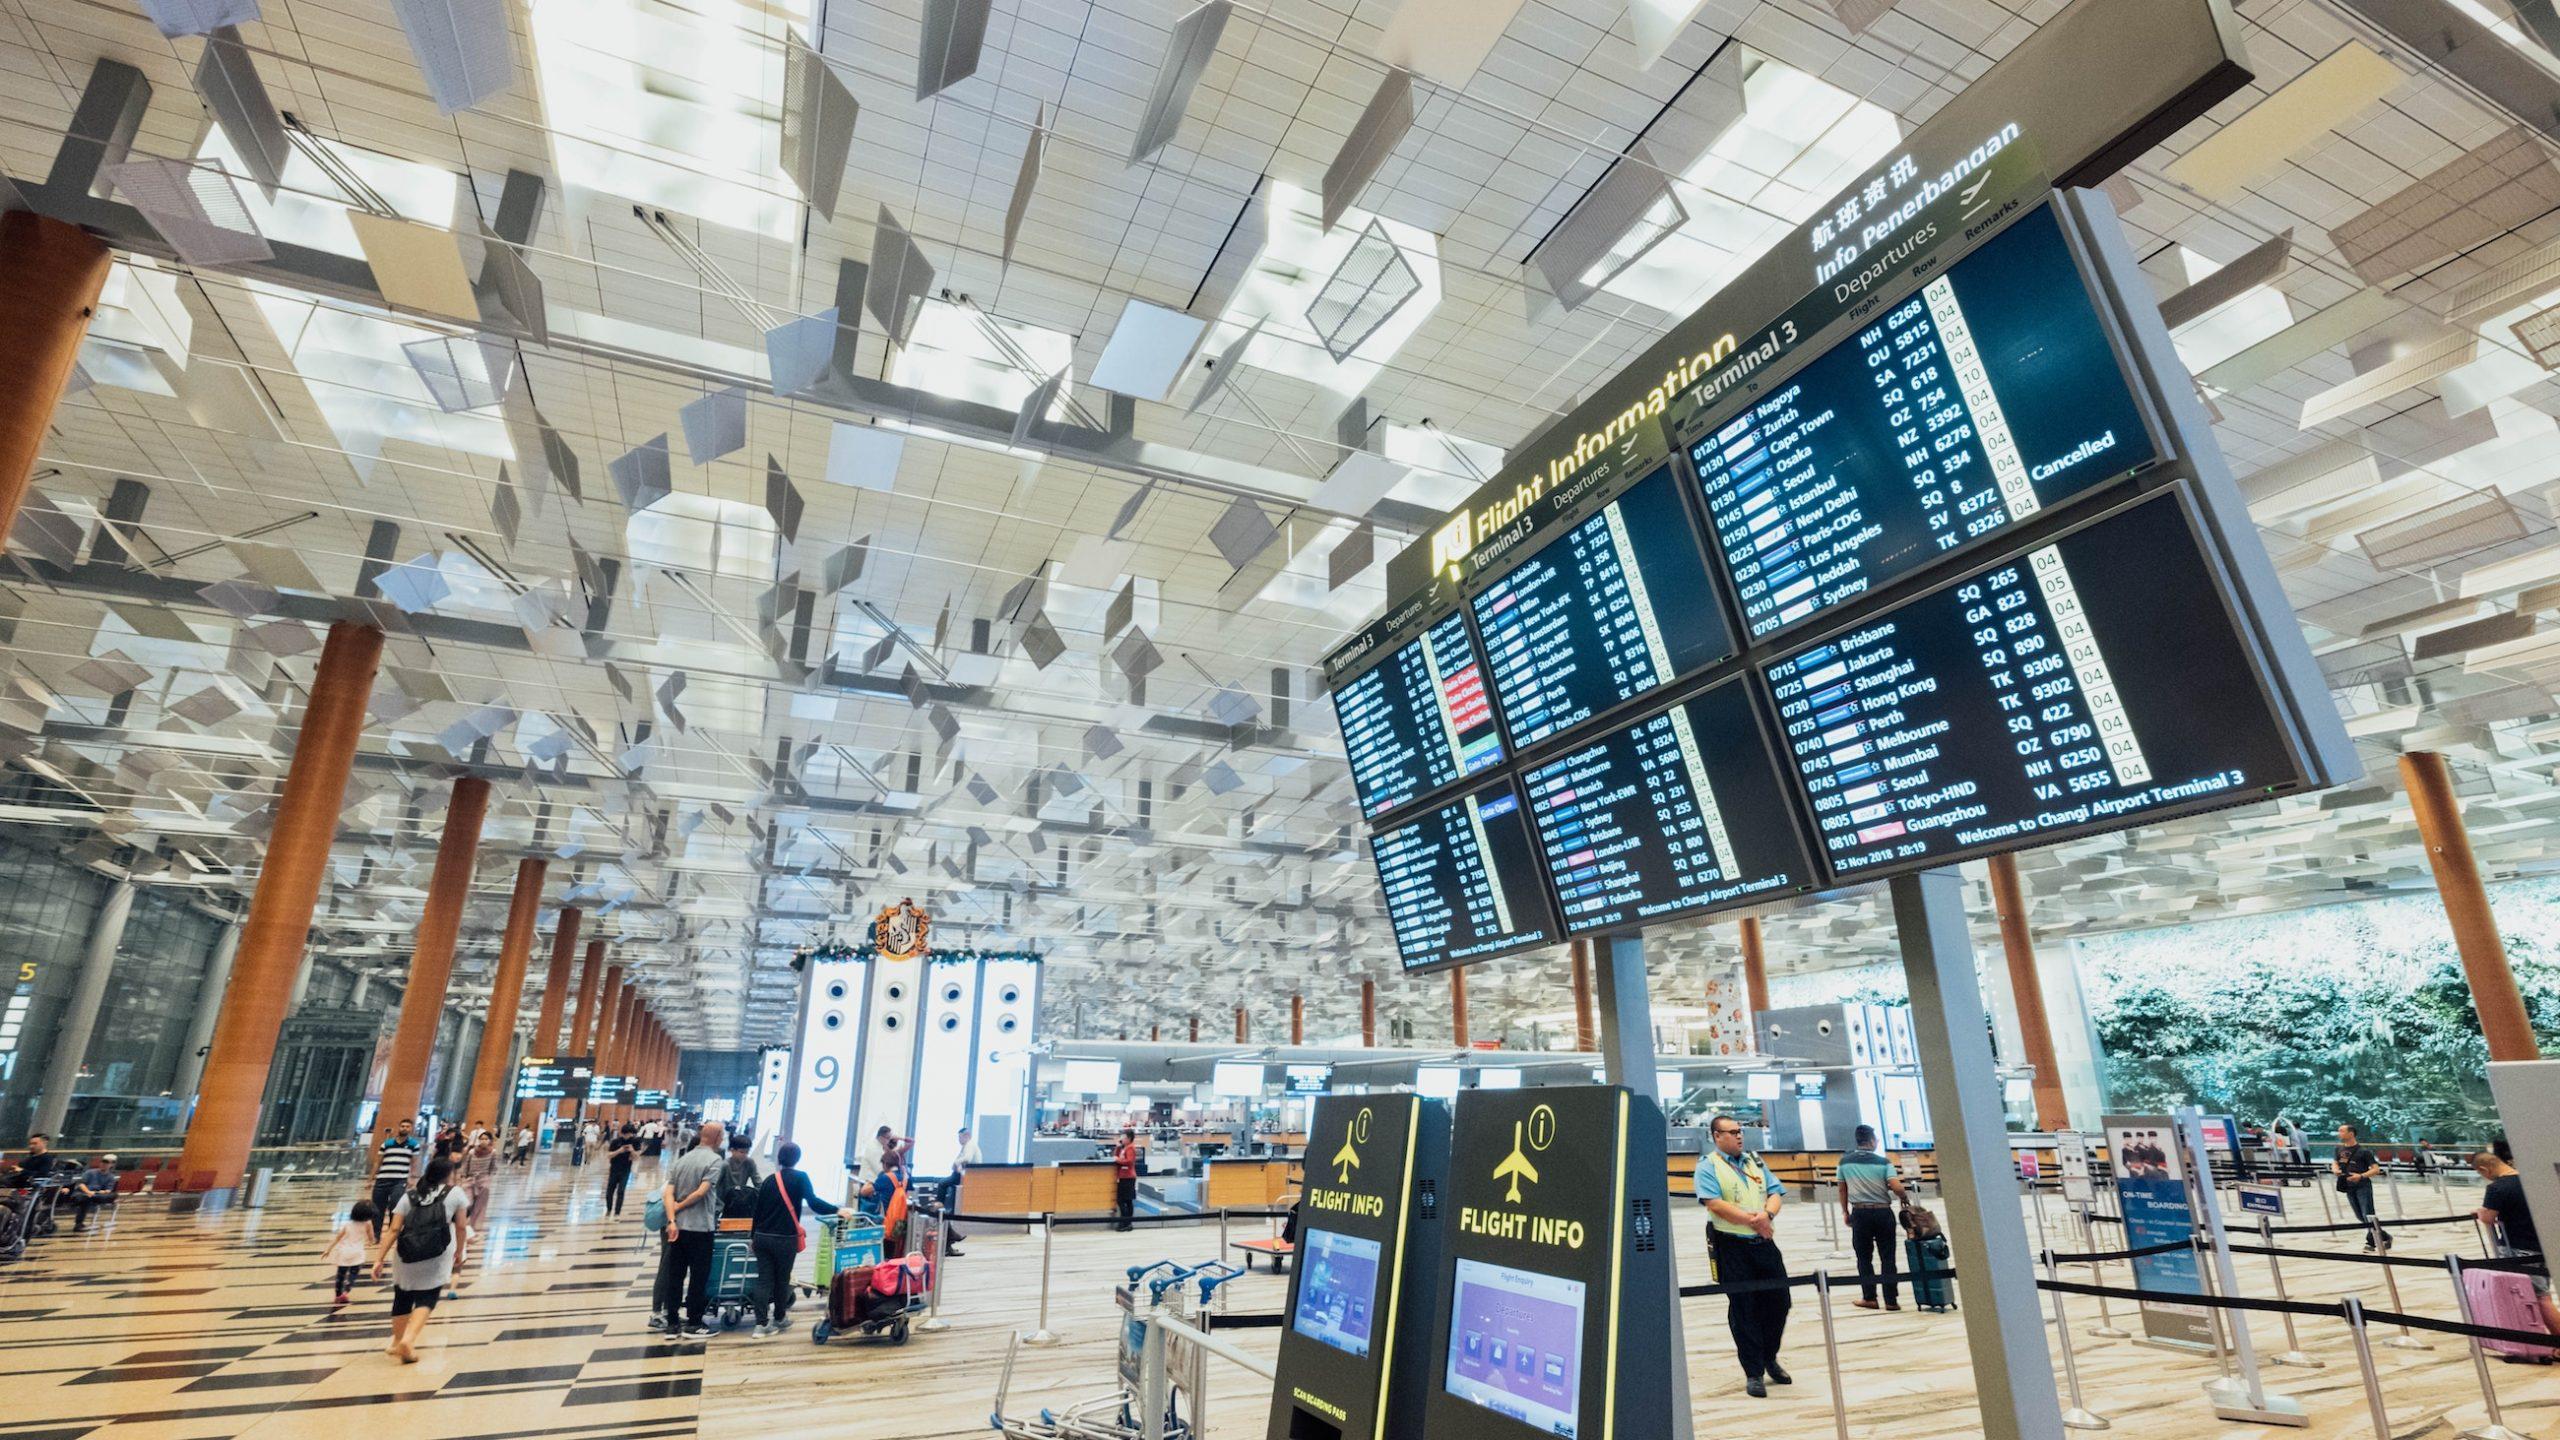 Tes GeNose di bandara mulai diberlakukan mulai 1 april